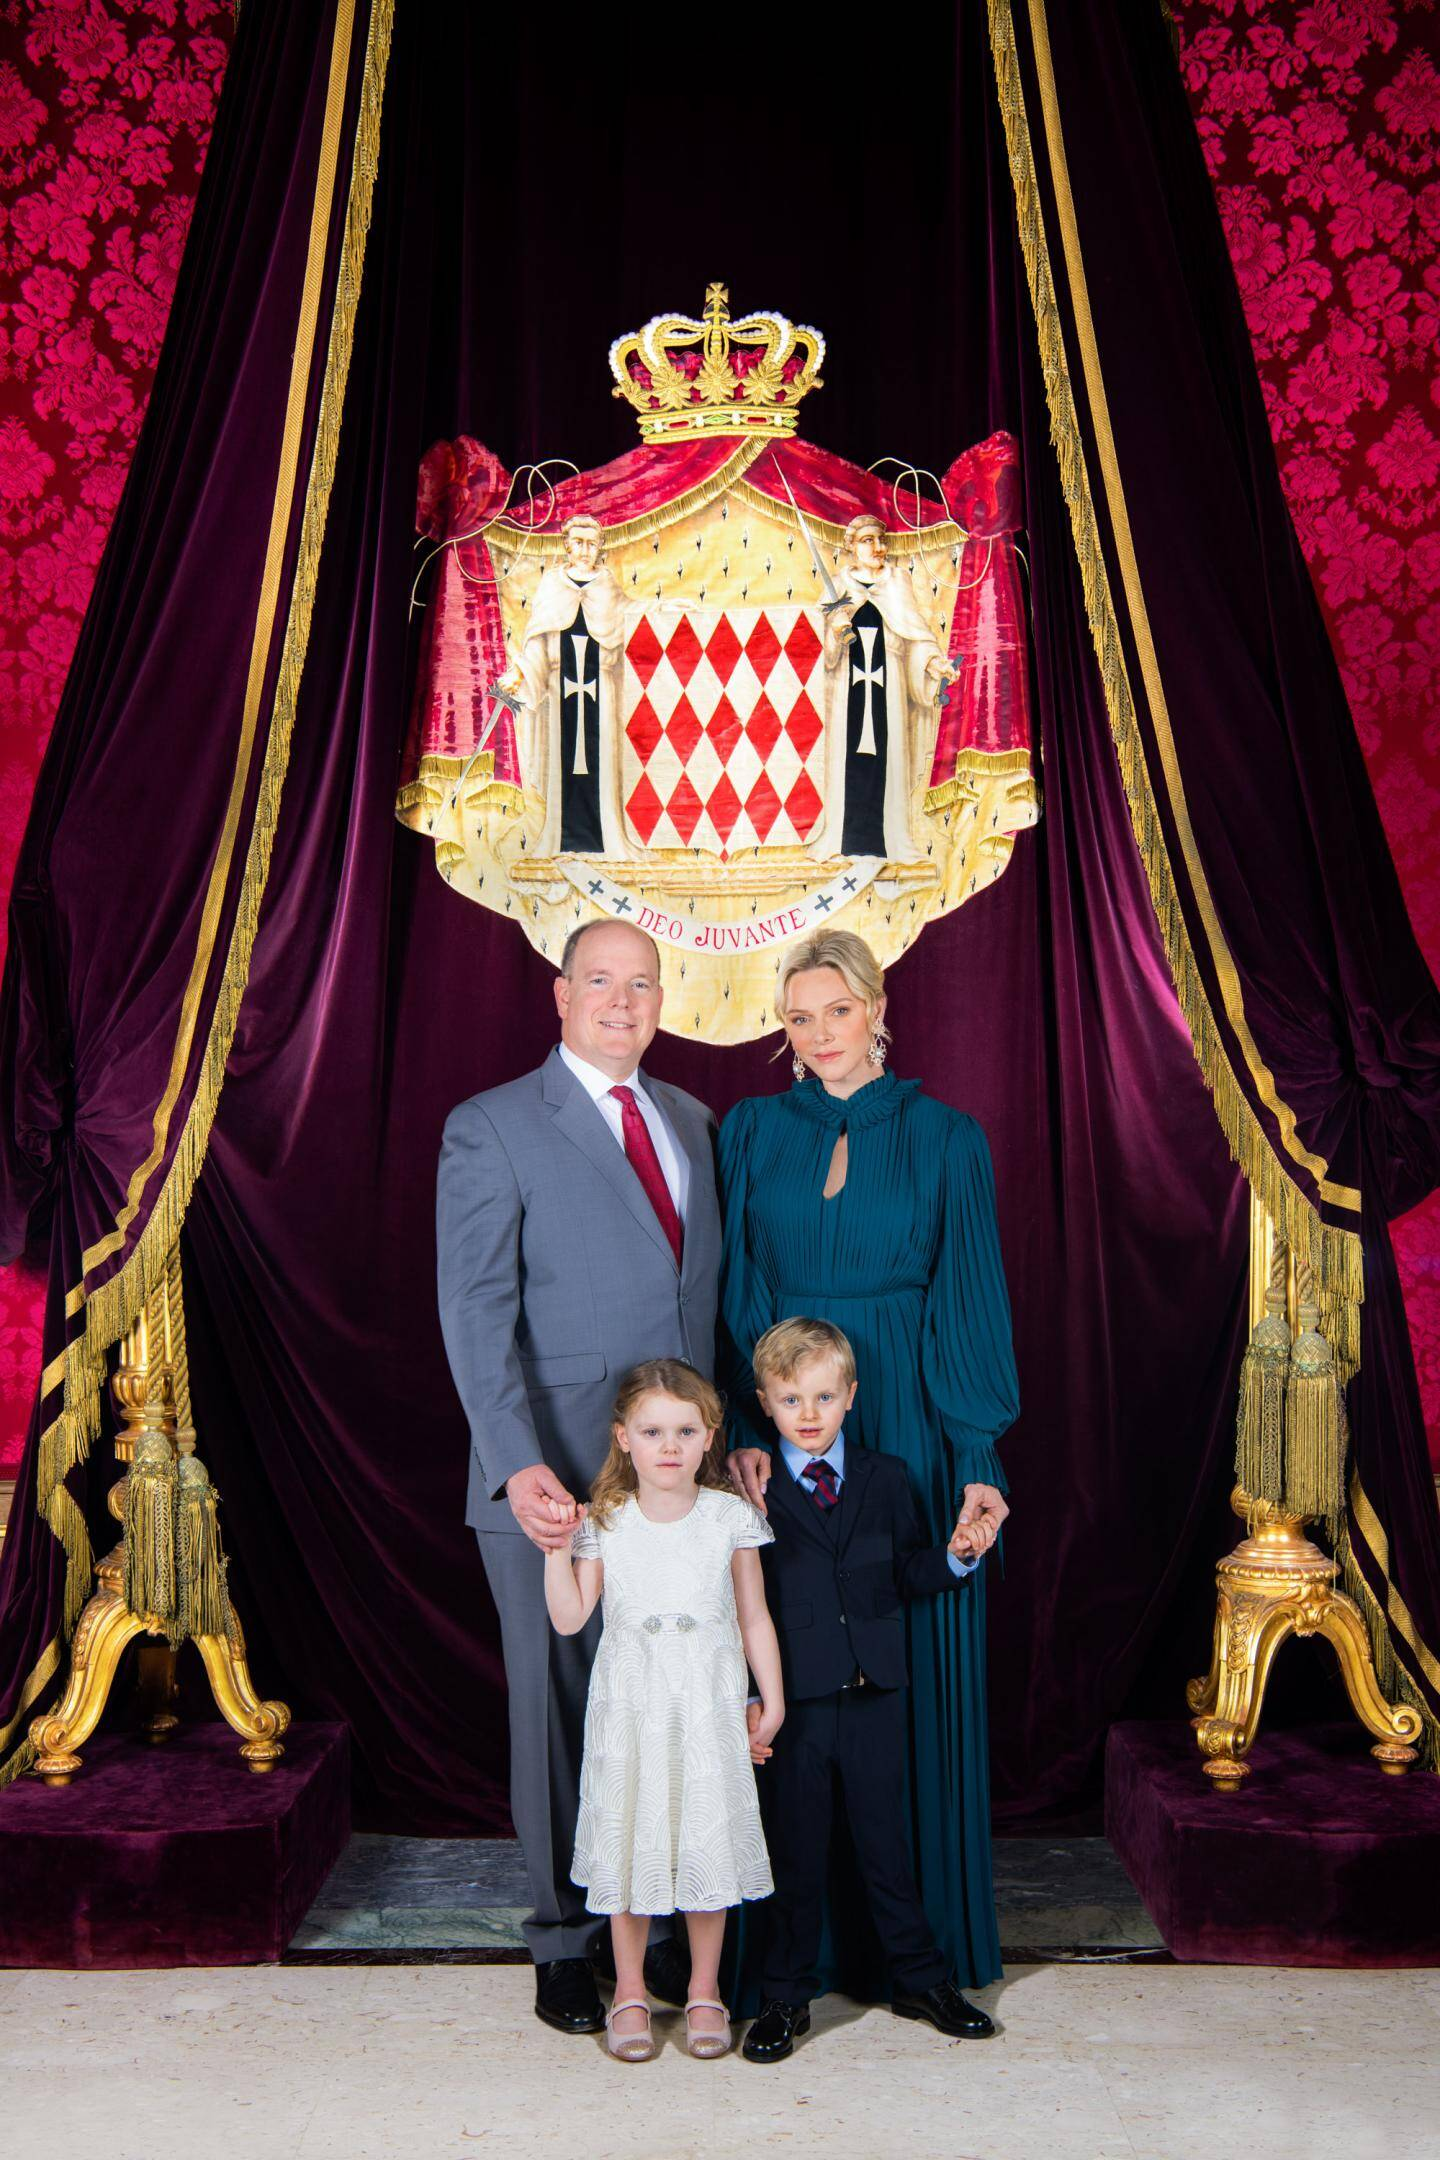 1er DÉCEMBRE. La nouvelle photographie officielle de la famille princière est dévoilée. Pour la première fois, les enfants se tiennent debout devant leurs parents, dans la Salle du Trône.